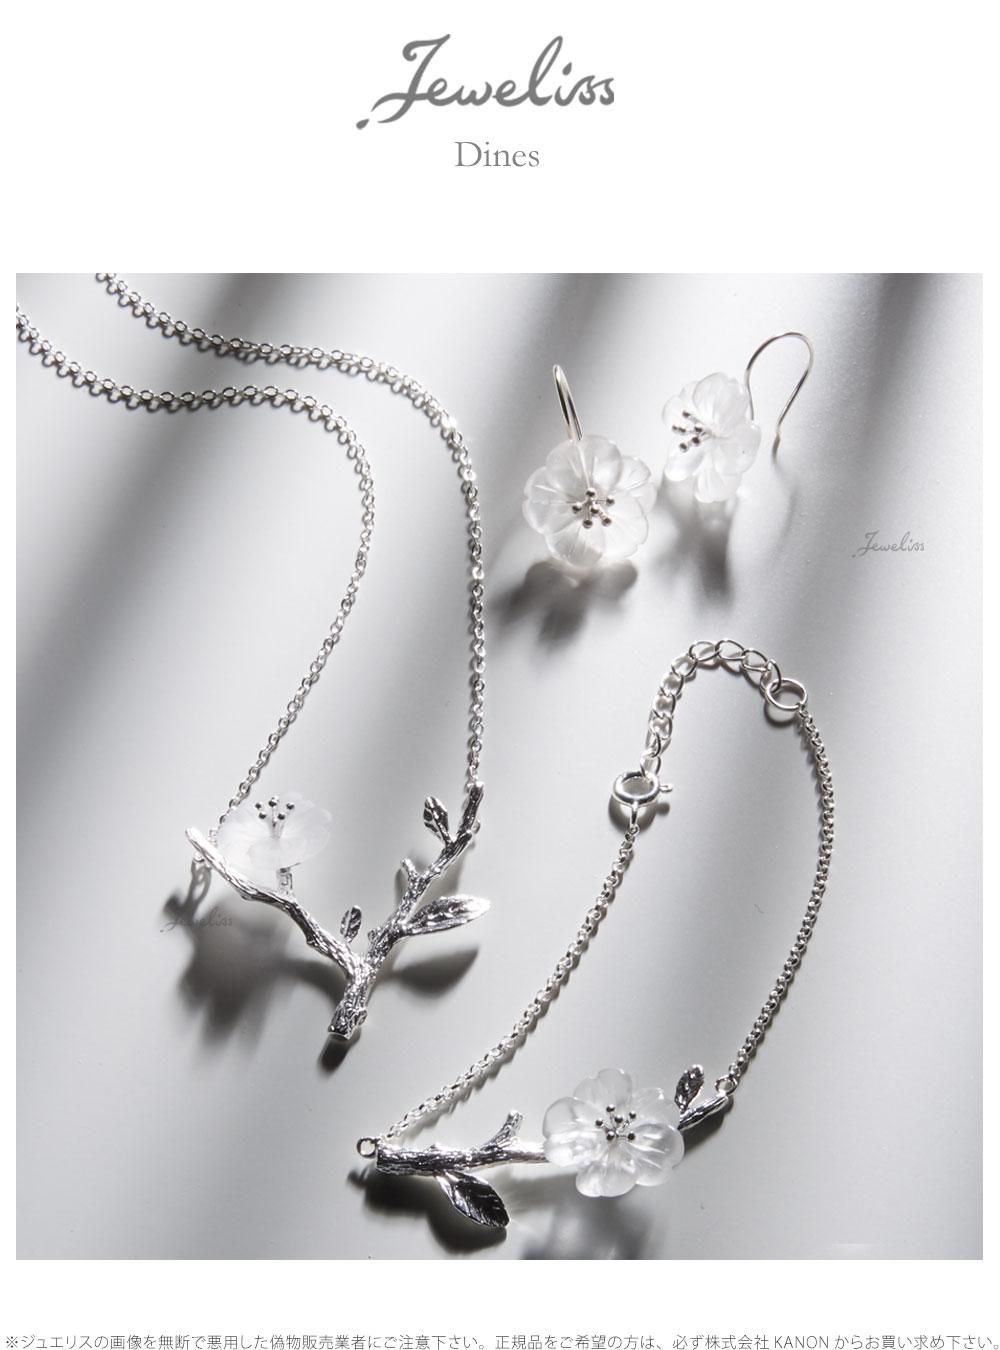 Jeweliss 花 フラワー 水晶 クリスタル スワロフスキー ジュエリス  オシャレ かわいい